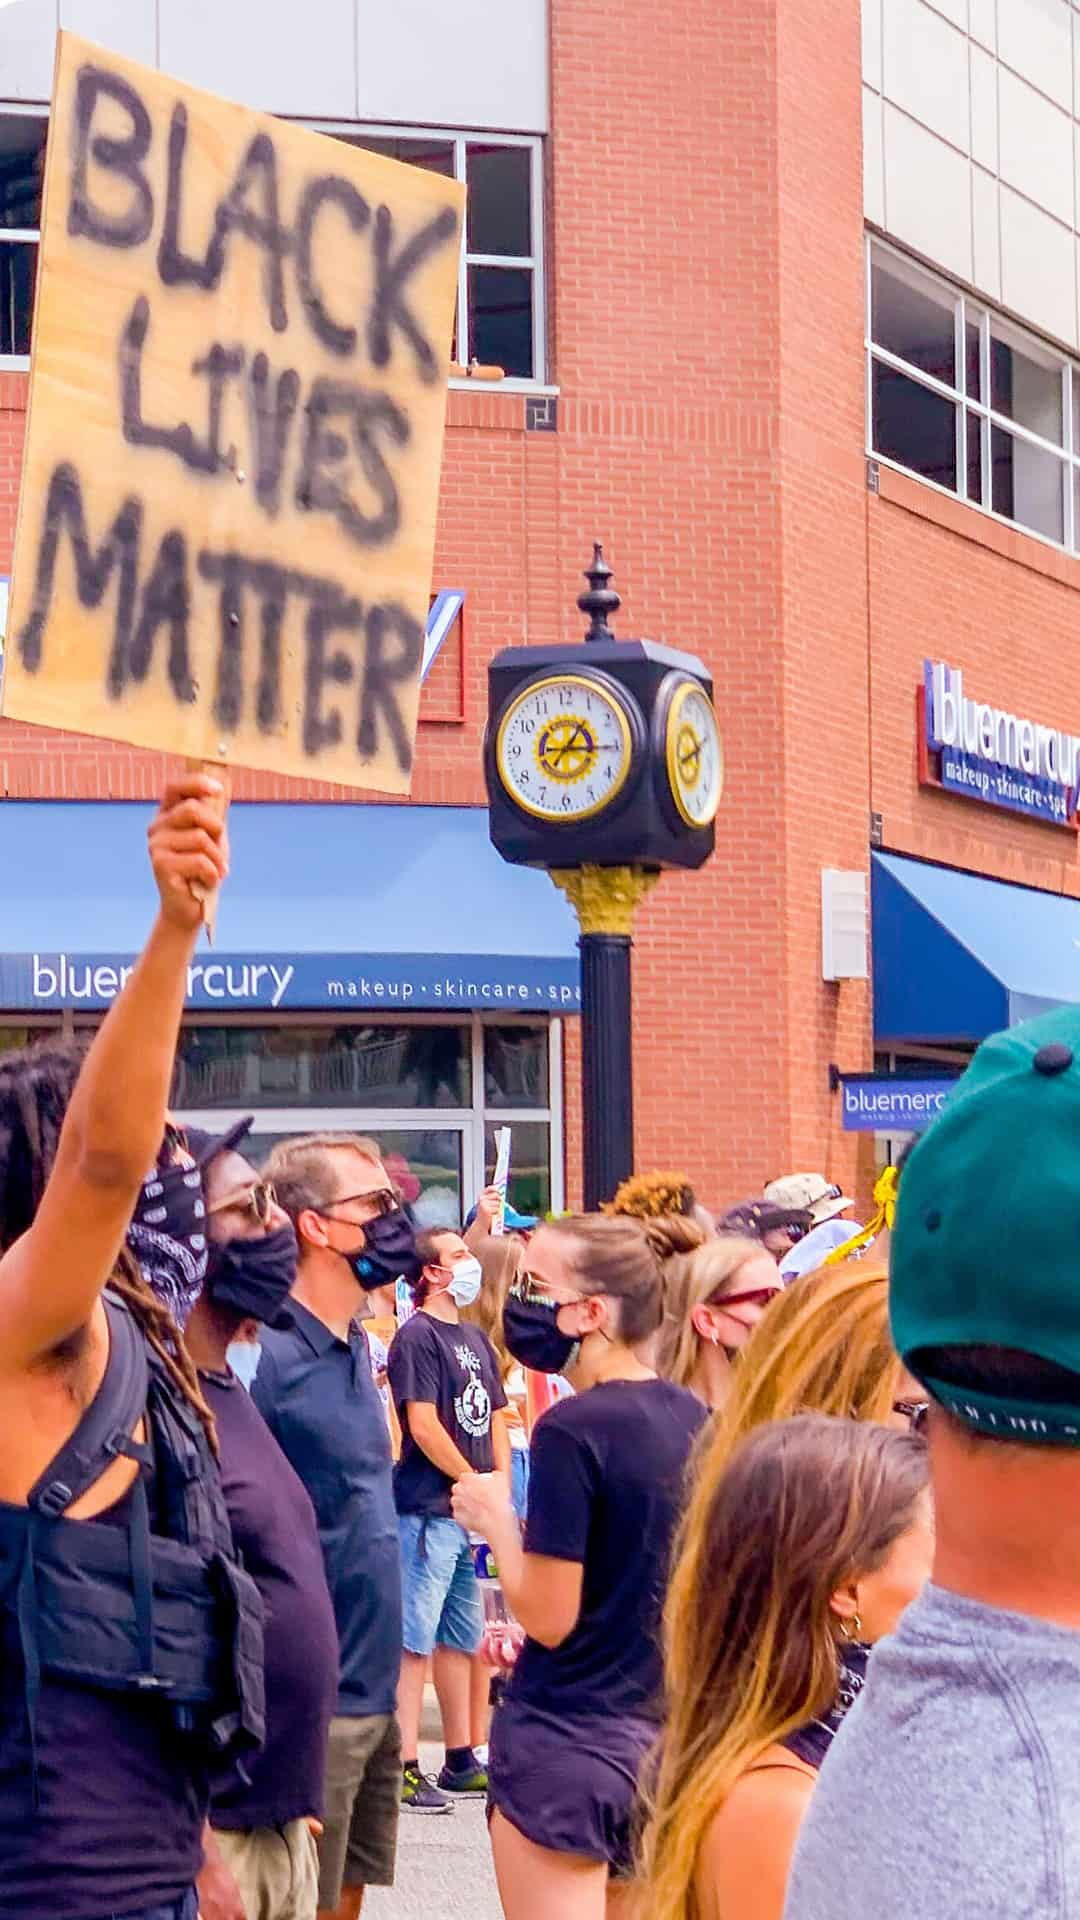 Black Lives Matter BLM protest sign